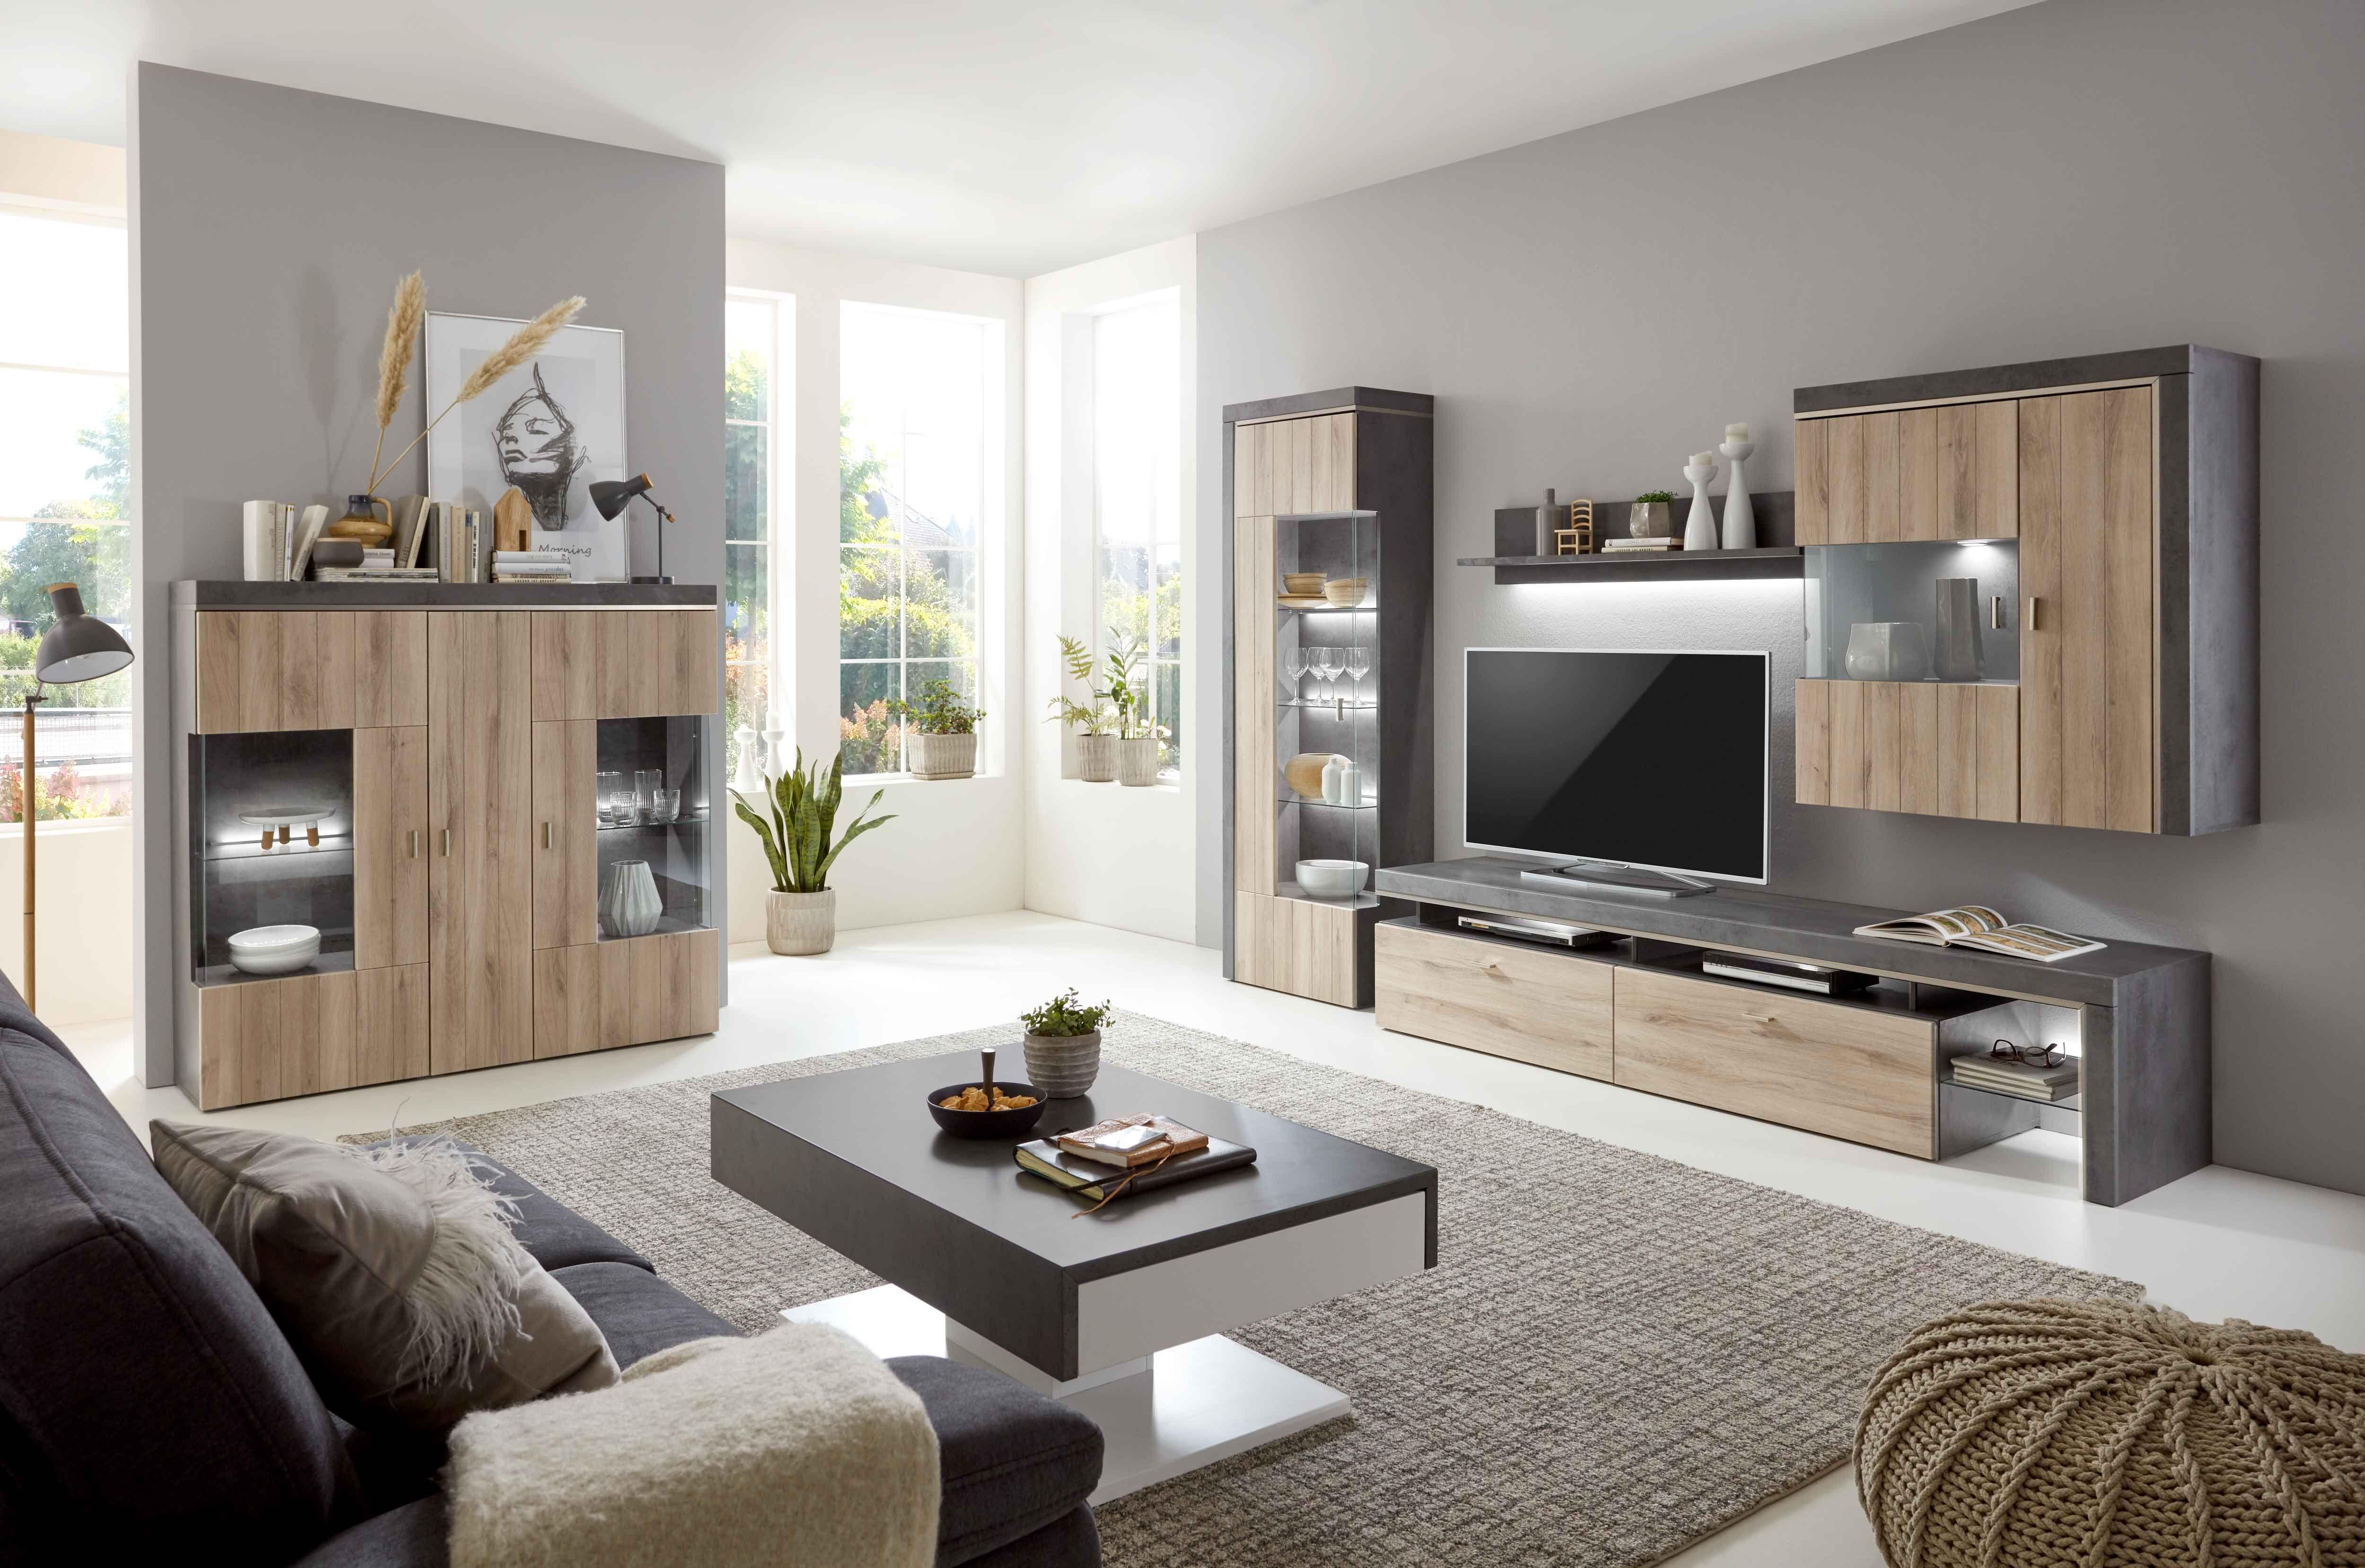 Wohn-Trend Beton  Wohnung wohnzimmer, Wohn möbel, Wohnen